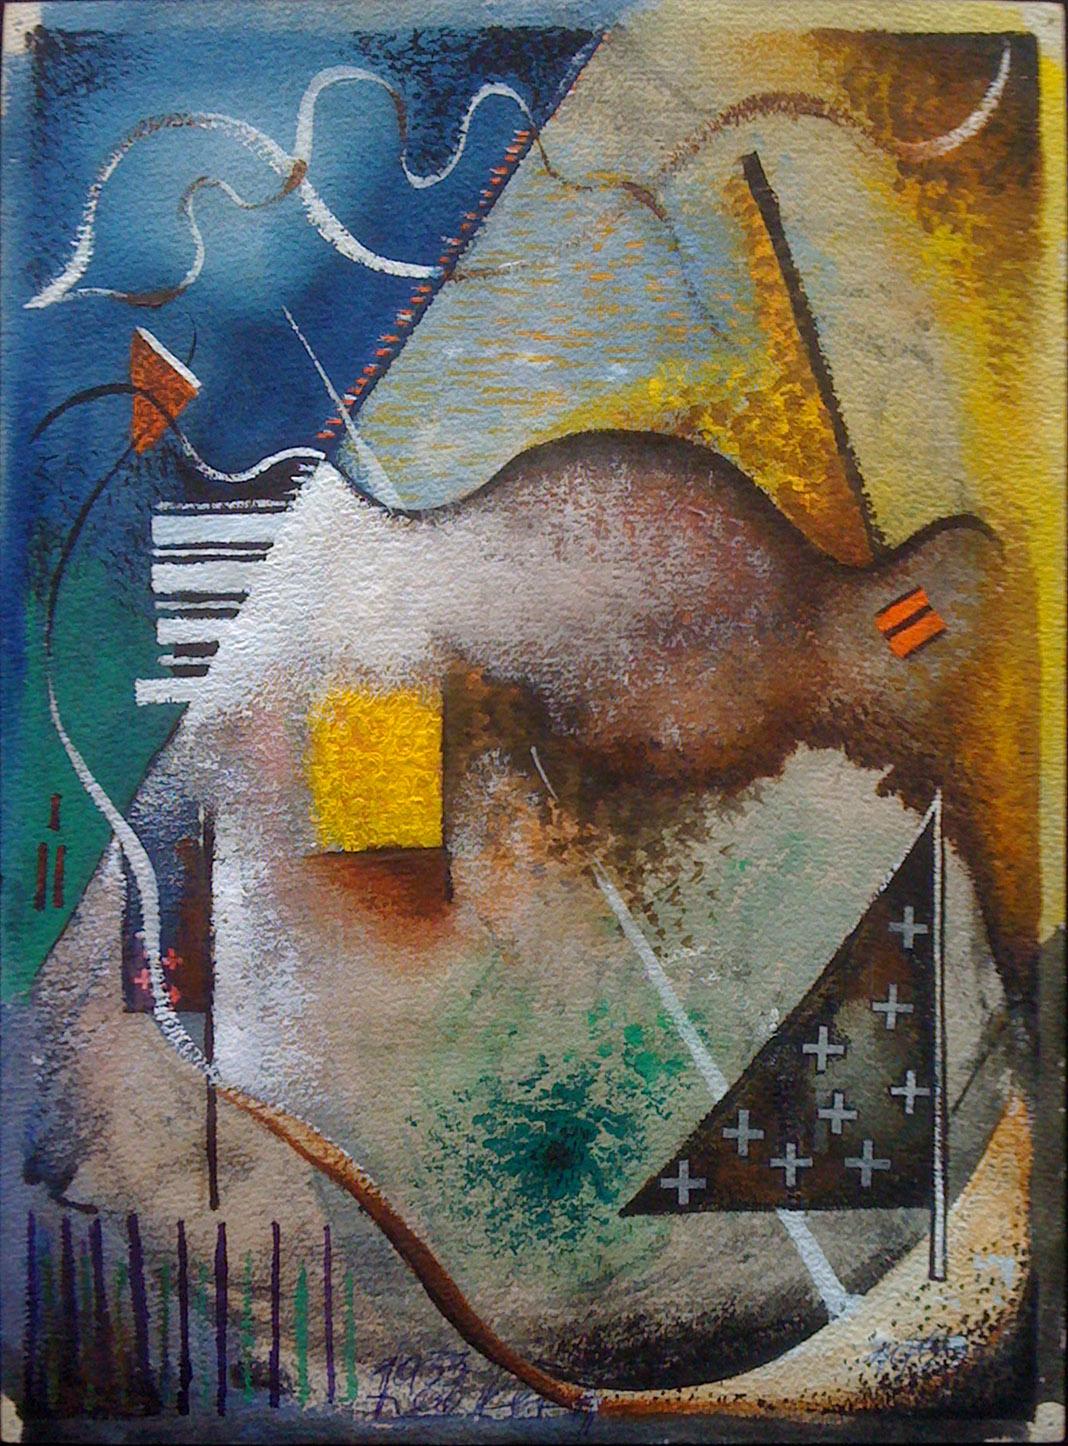 1933  Composition abstraite, aquarelle sur carton, 31 x 23 cm